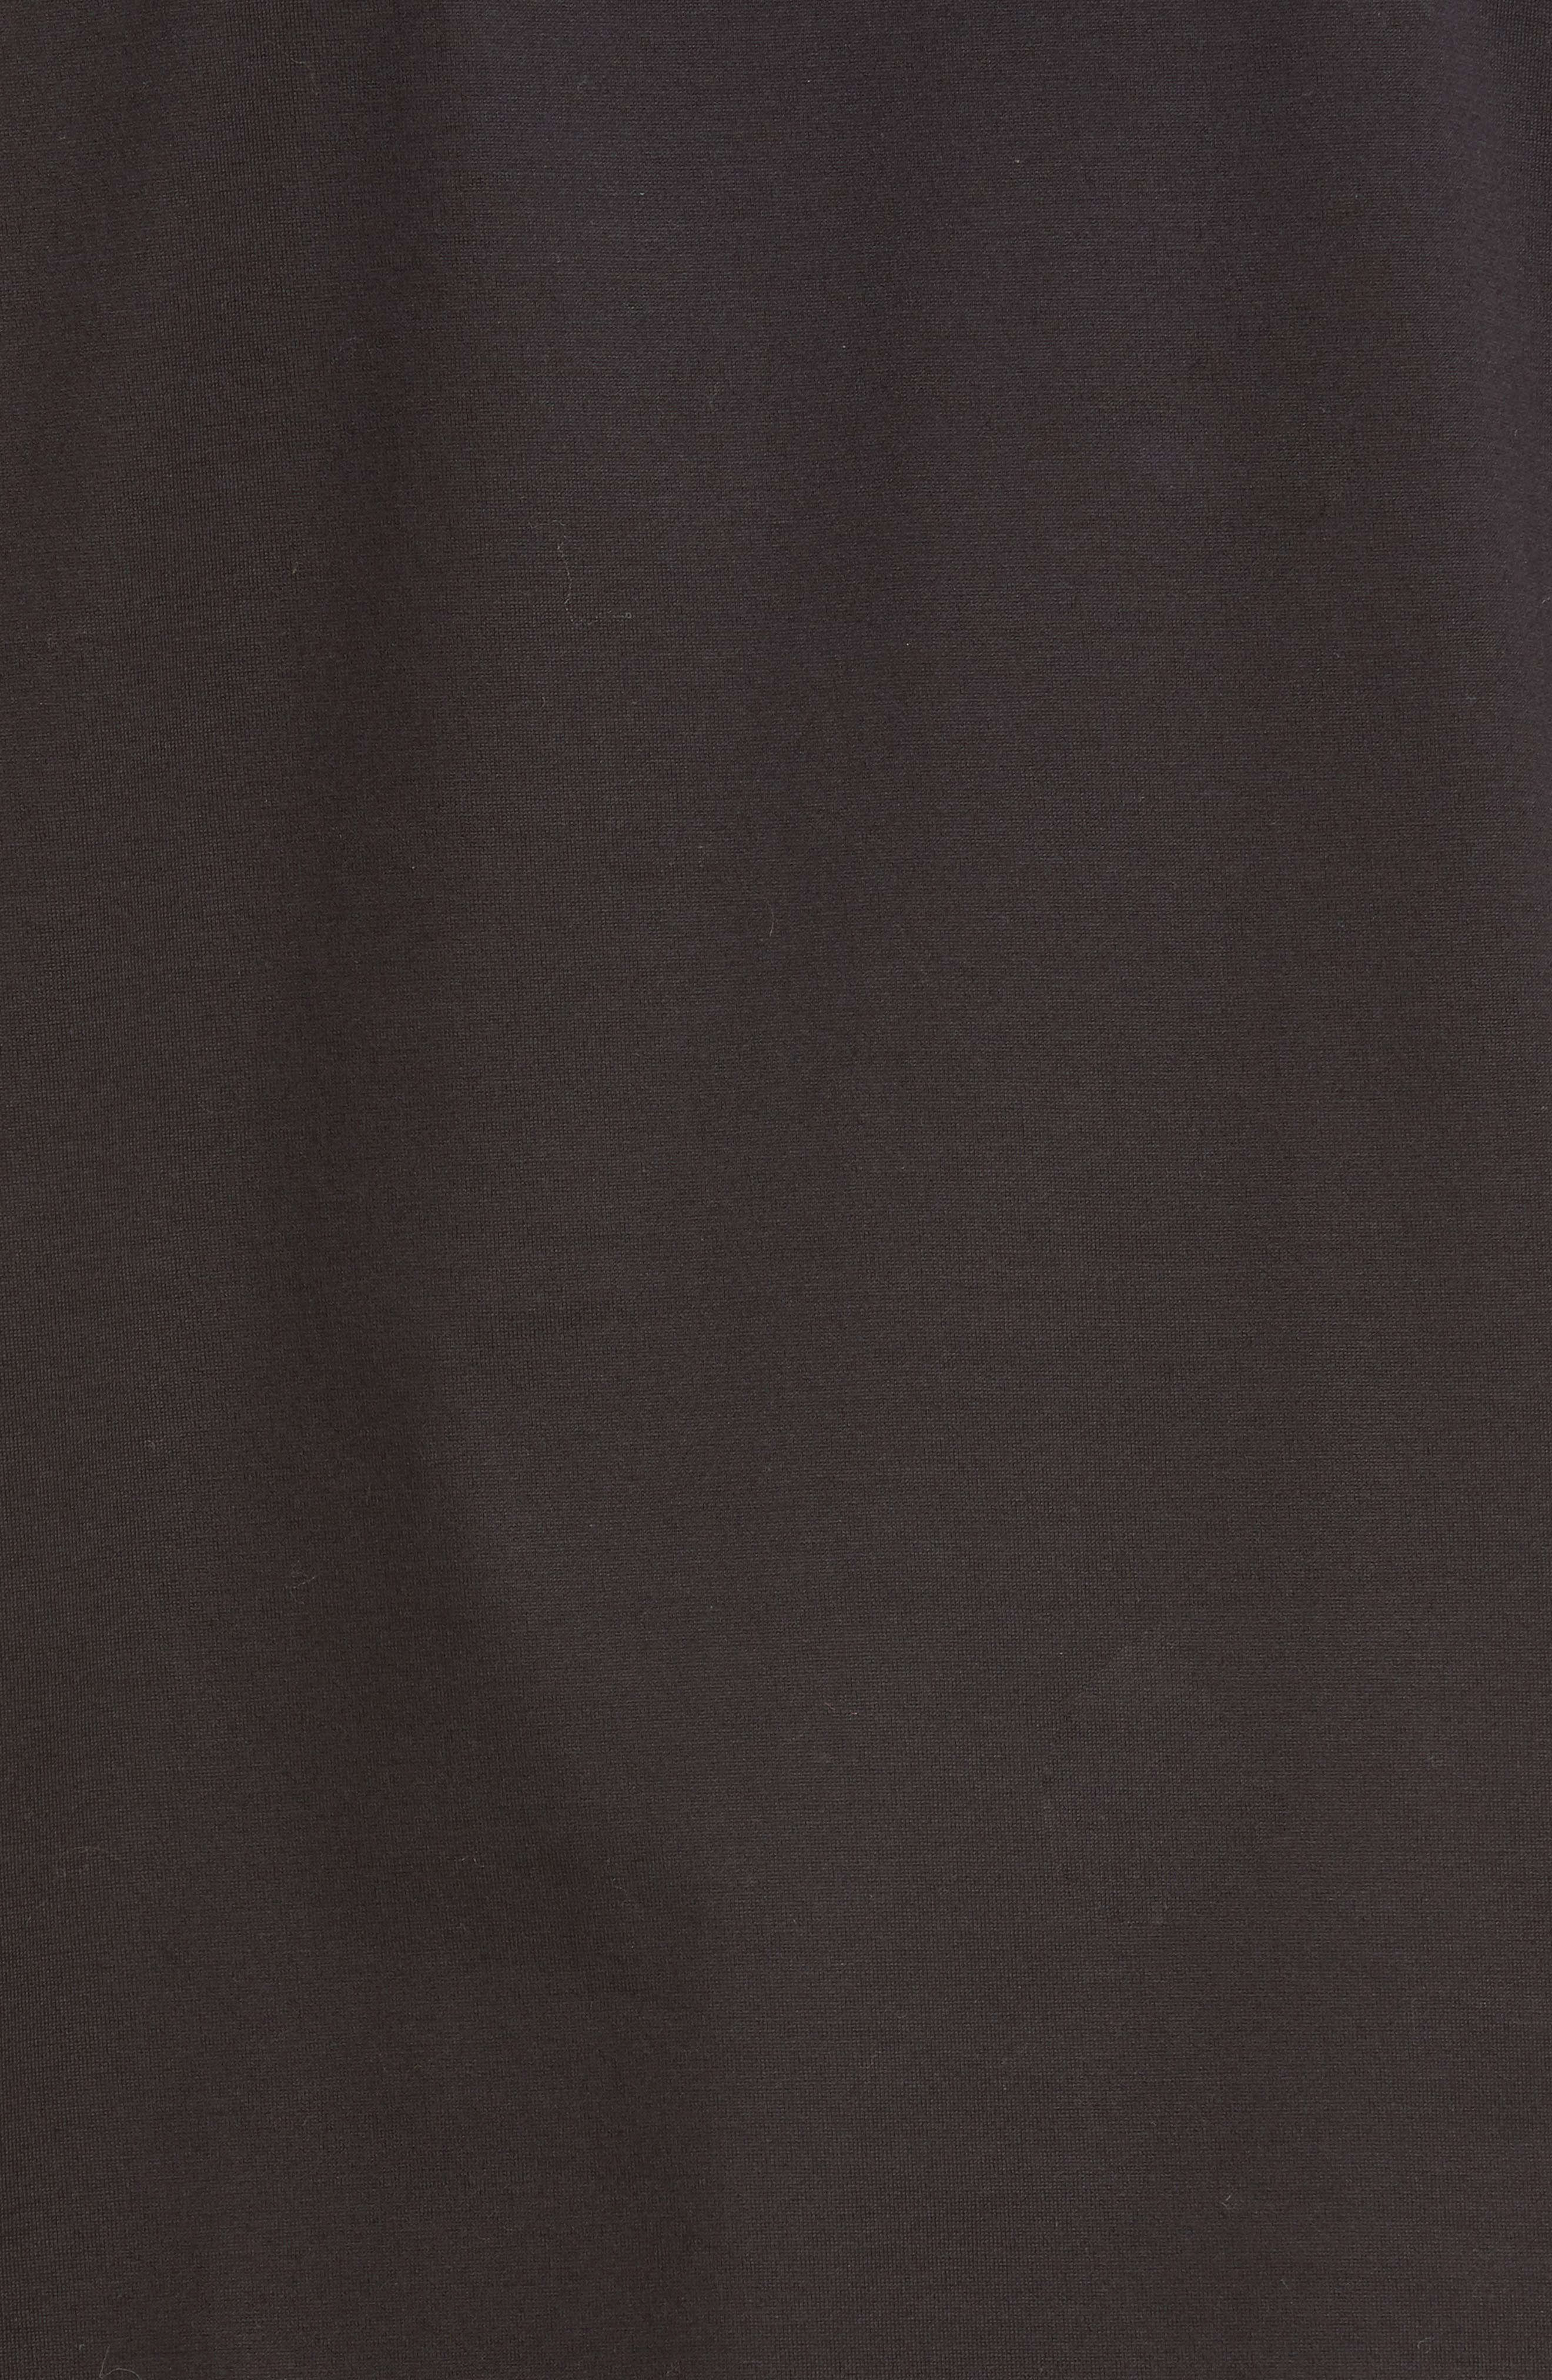 MONCLER, Genius by Moncler x 2 Moncler 1952 Love Tee, Alternate thumbnail 6, color, BLACK